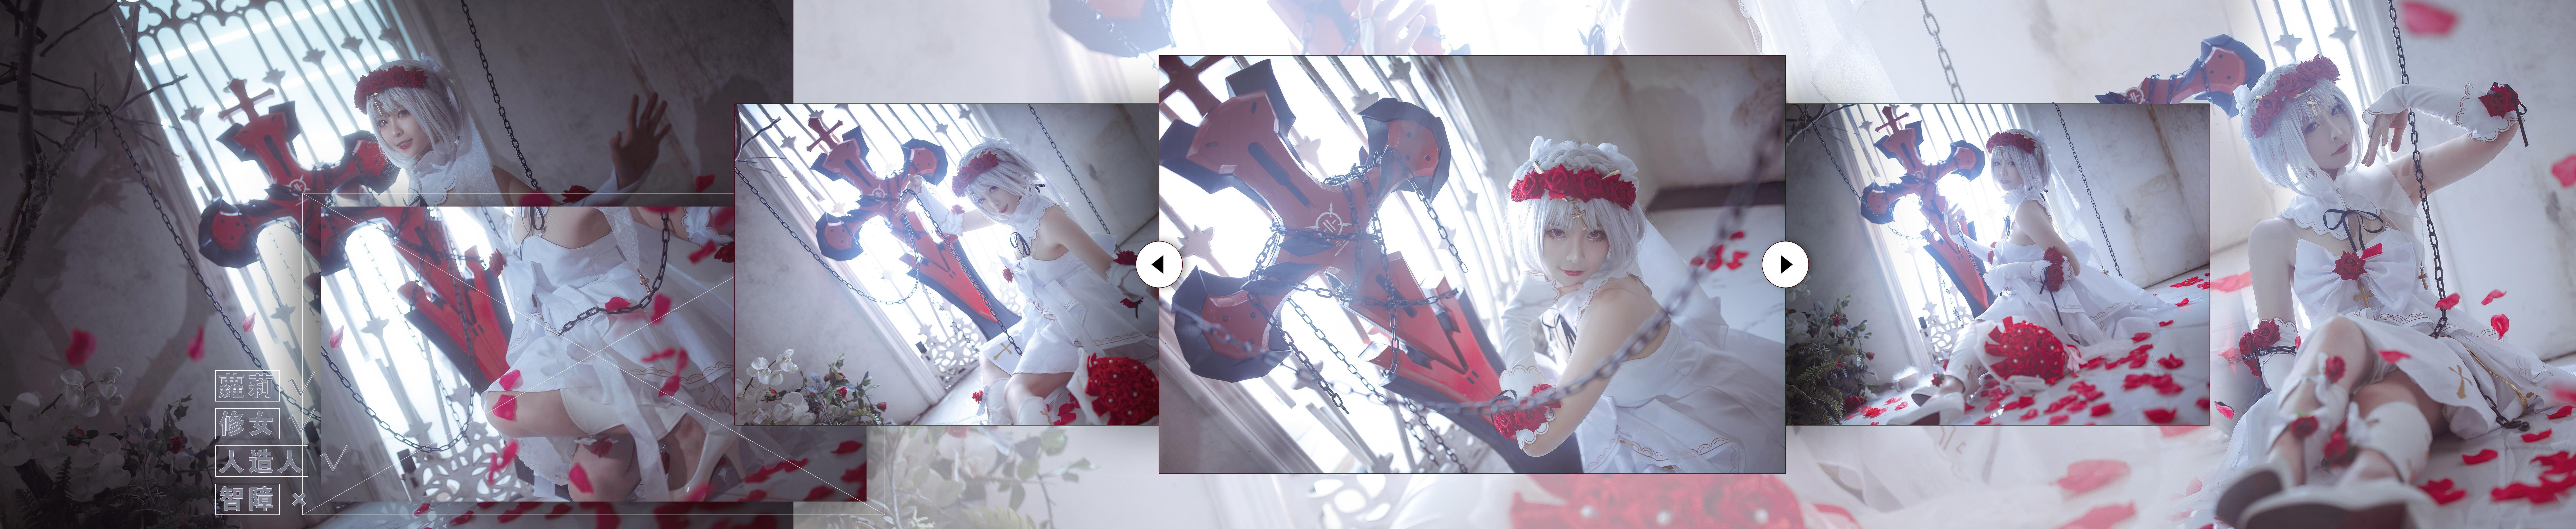 《崩坏学园》正片cosplay【CN:樱岛嗷一】-第15张